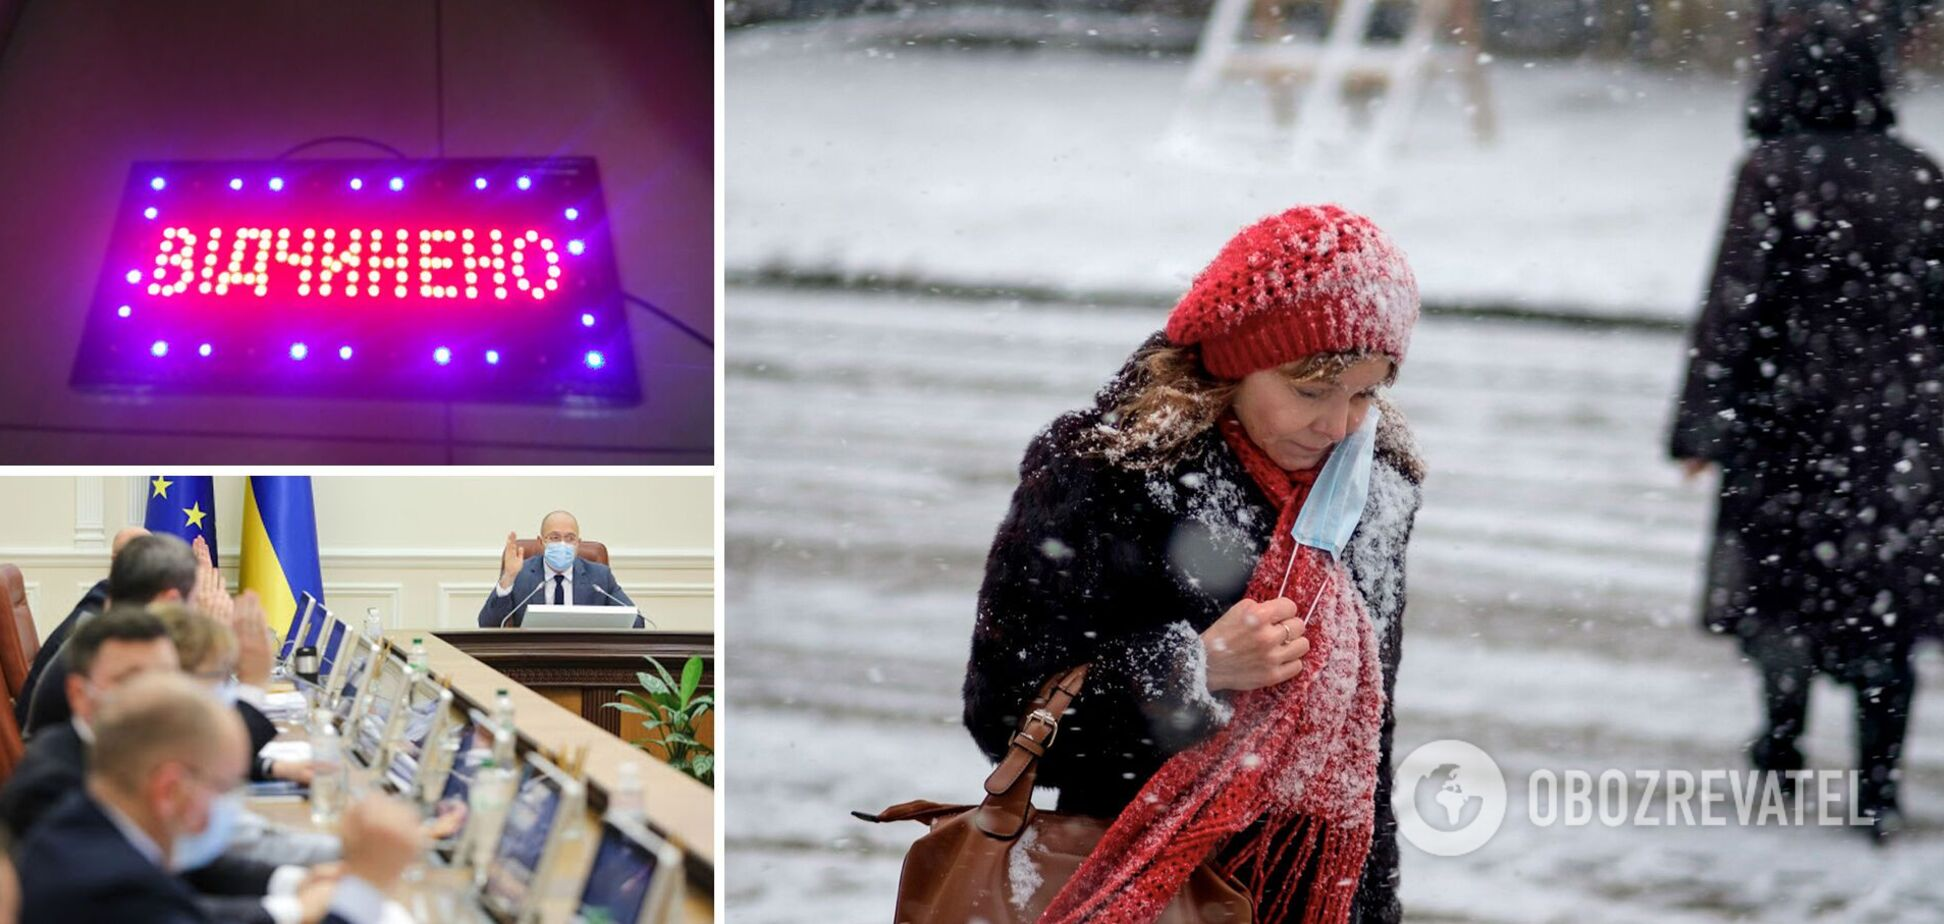 Україна повернулася до 'помаранчевого' карантину, локдаун завершено: що заборонено з 25 січня